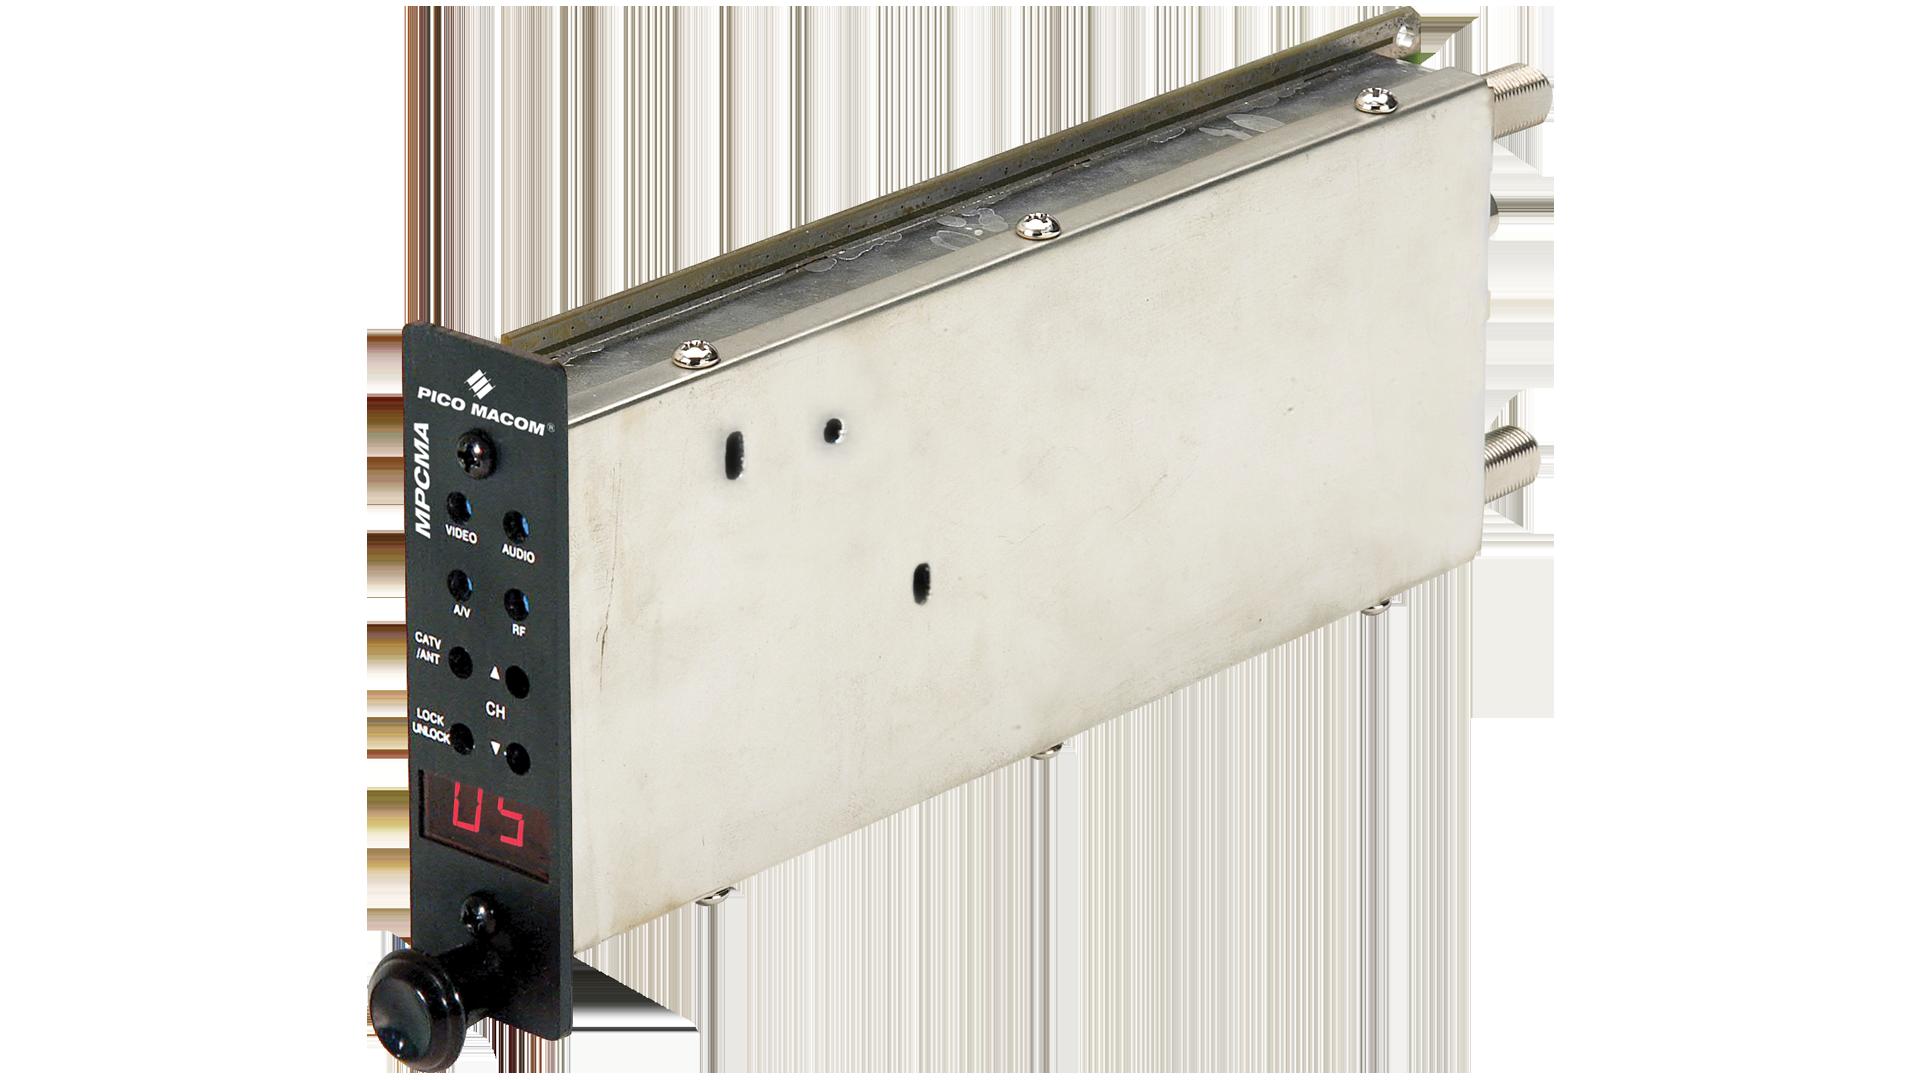 MPCMA-BG: SAW Filtered Agile A/V Mini-Modulator